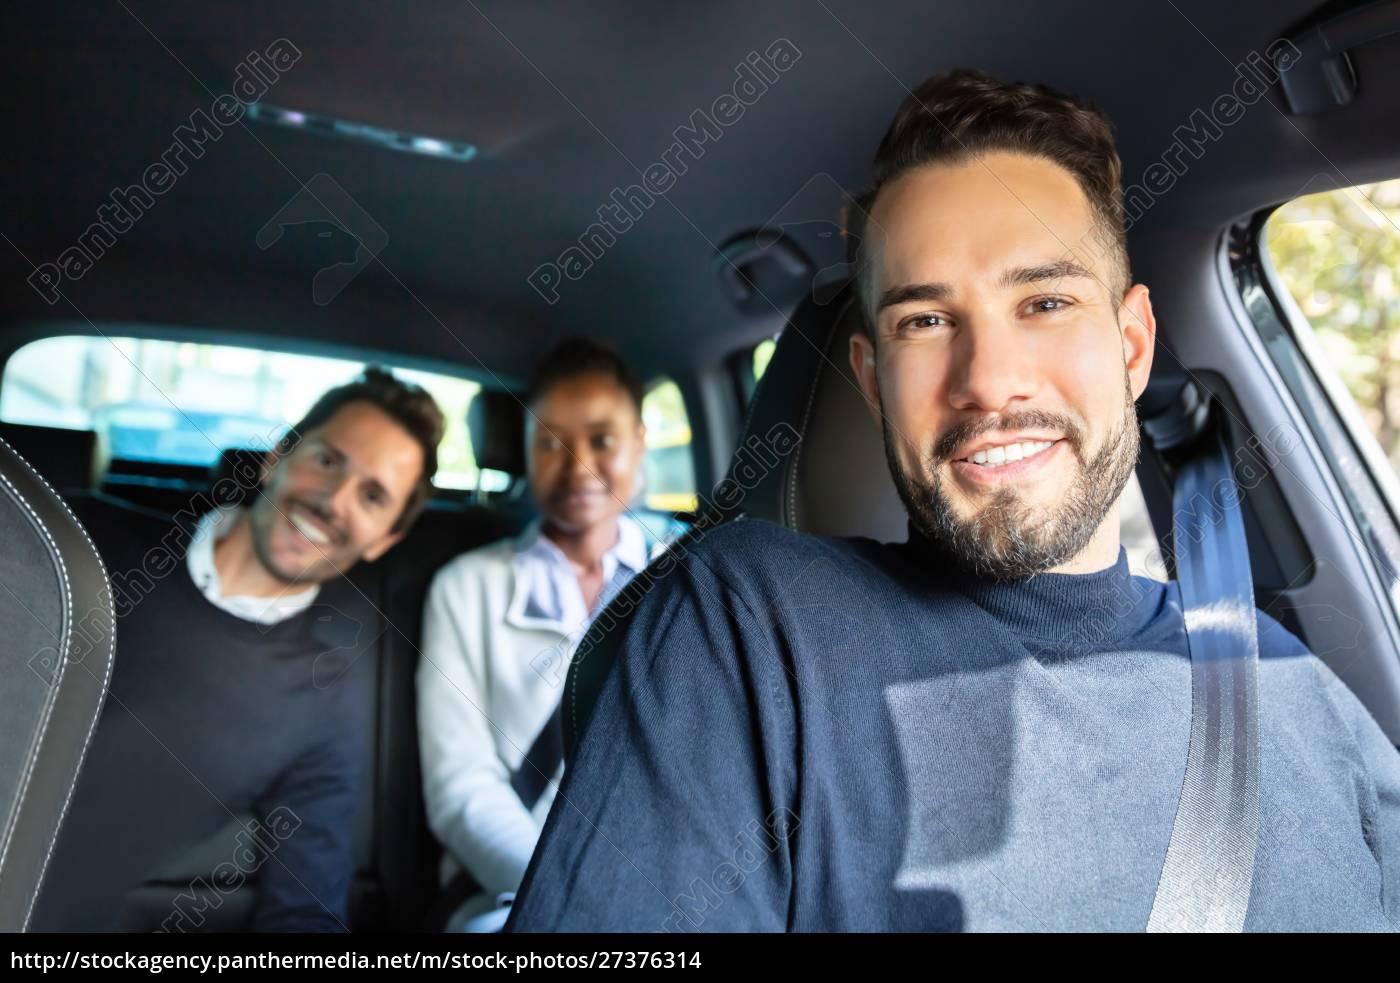 glückliche, junge, freunde, sitzen, im, auto - 27376314